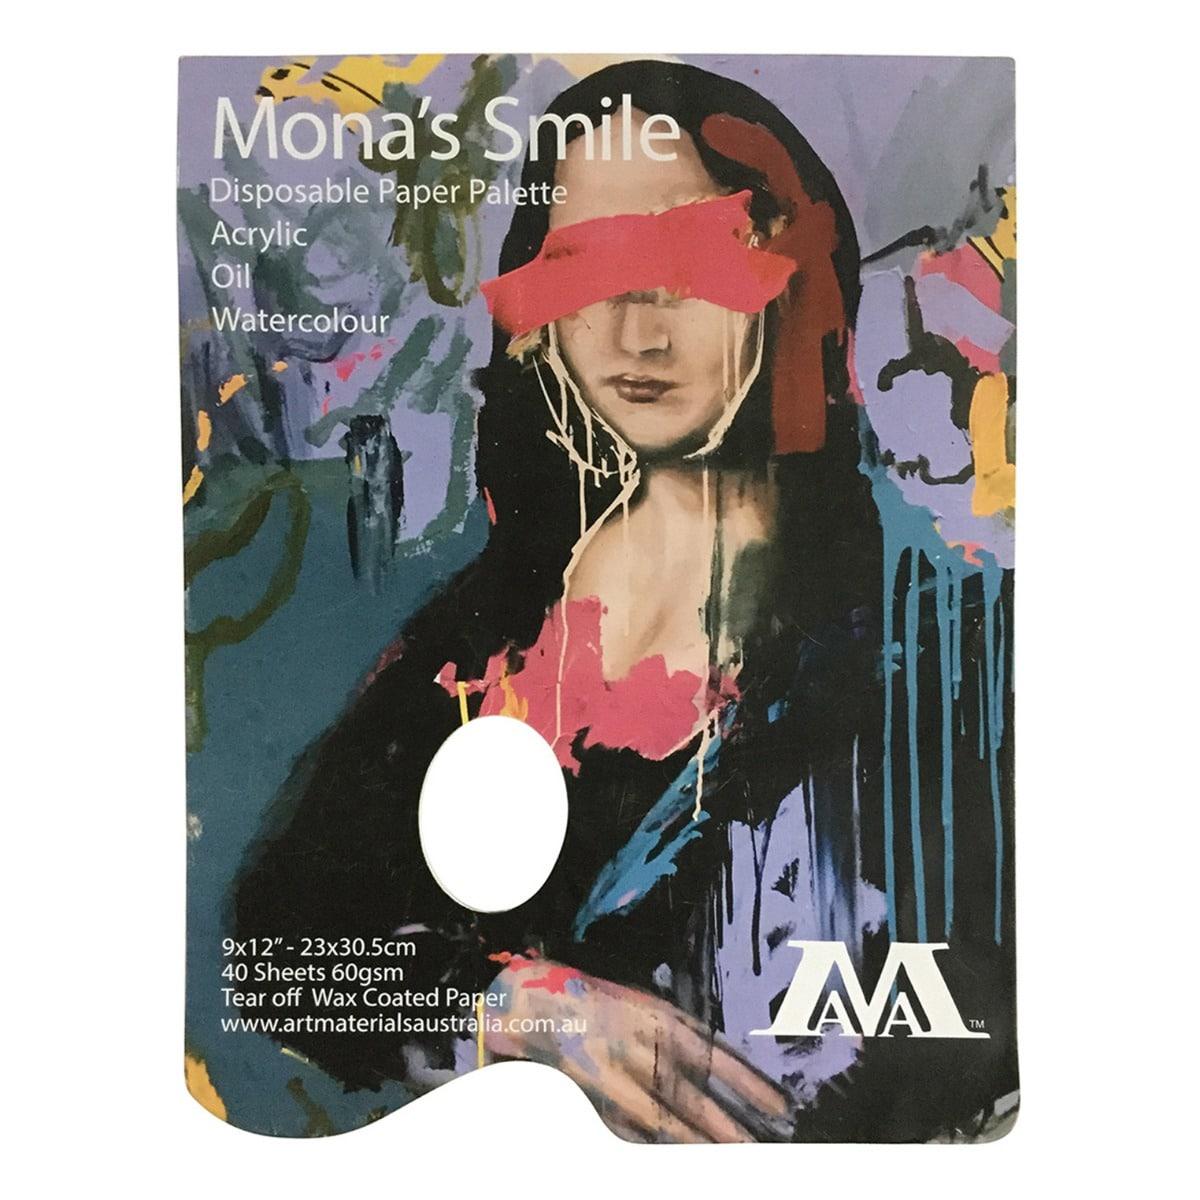 Paper palette Mona's Smile Art Materials Australia